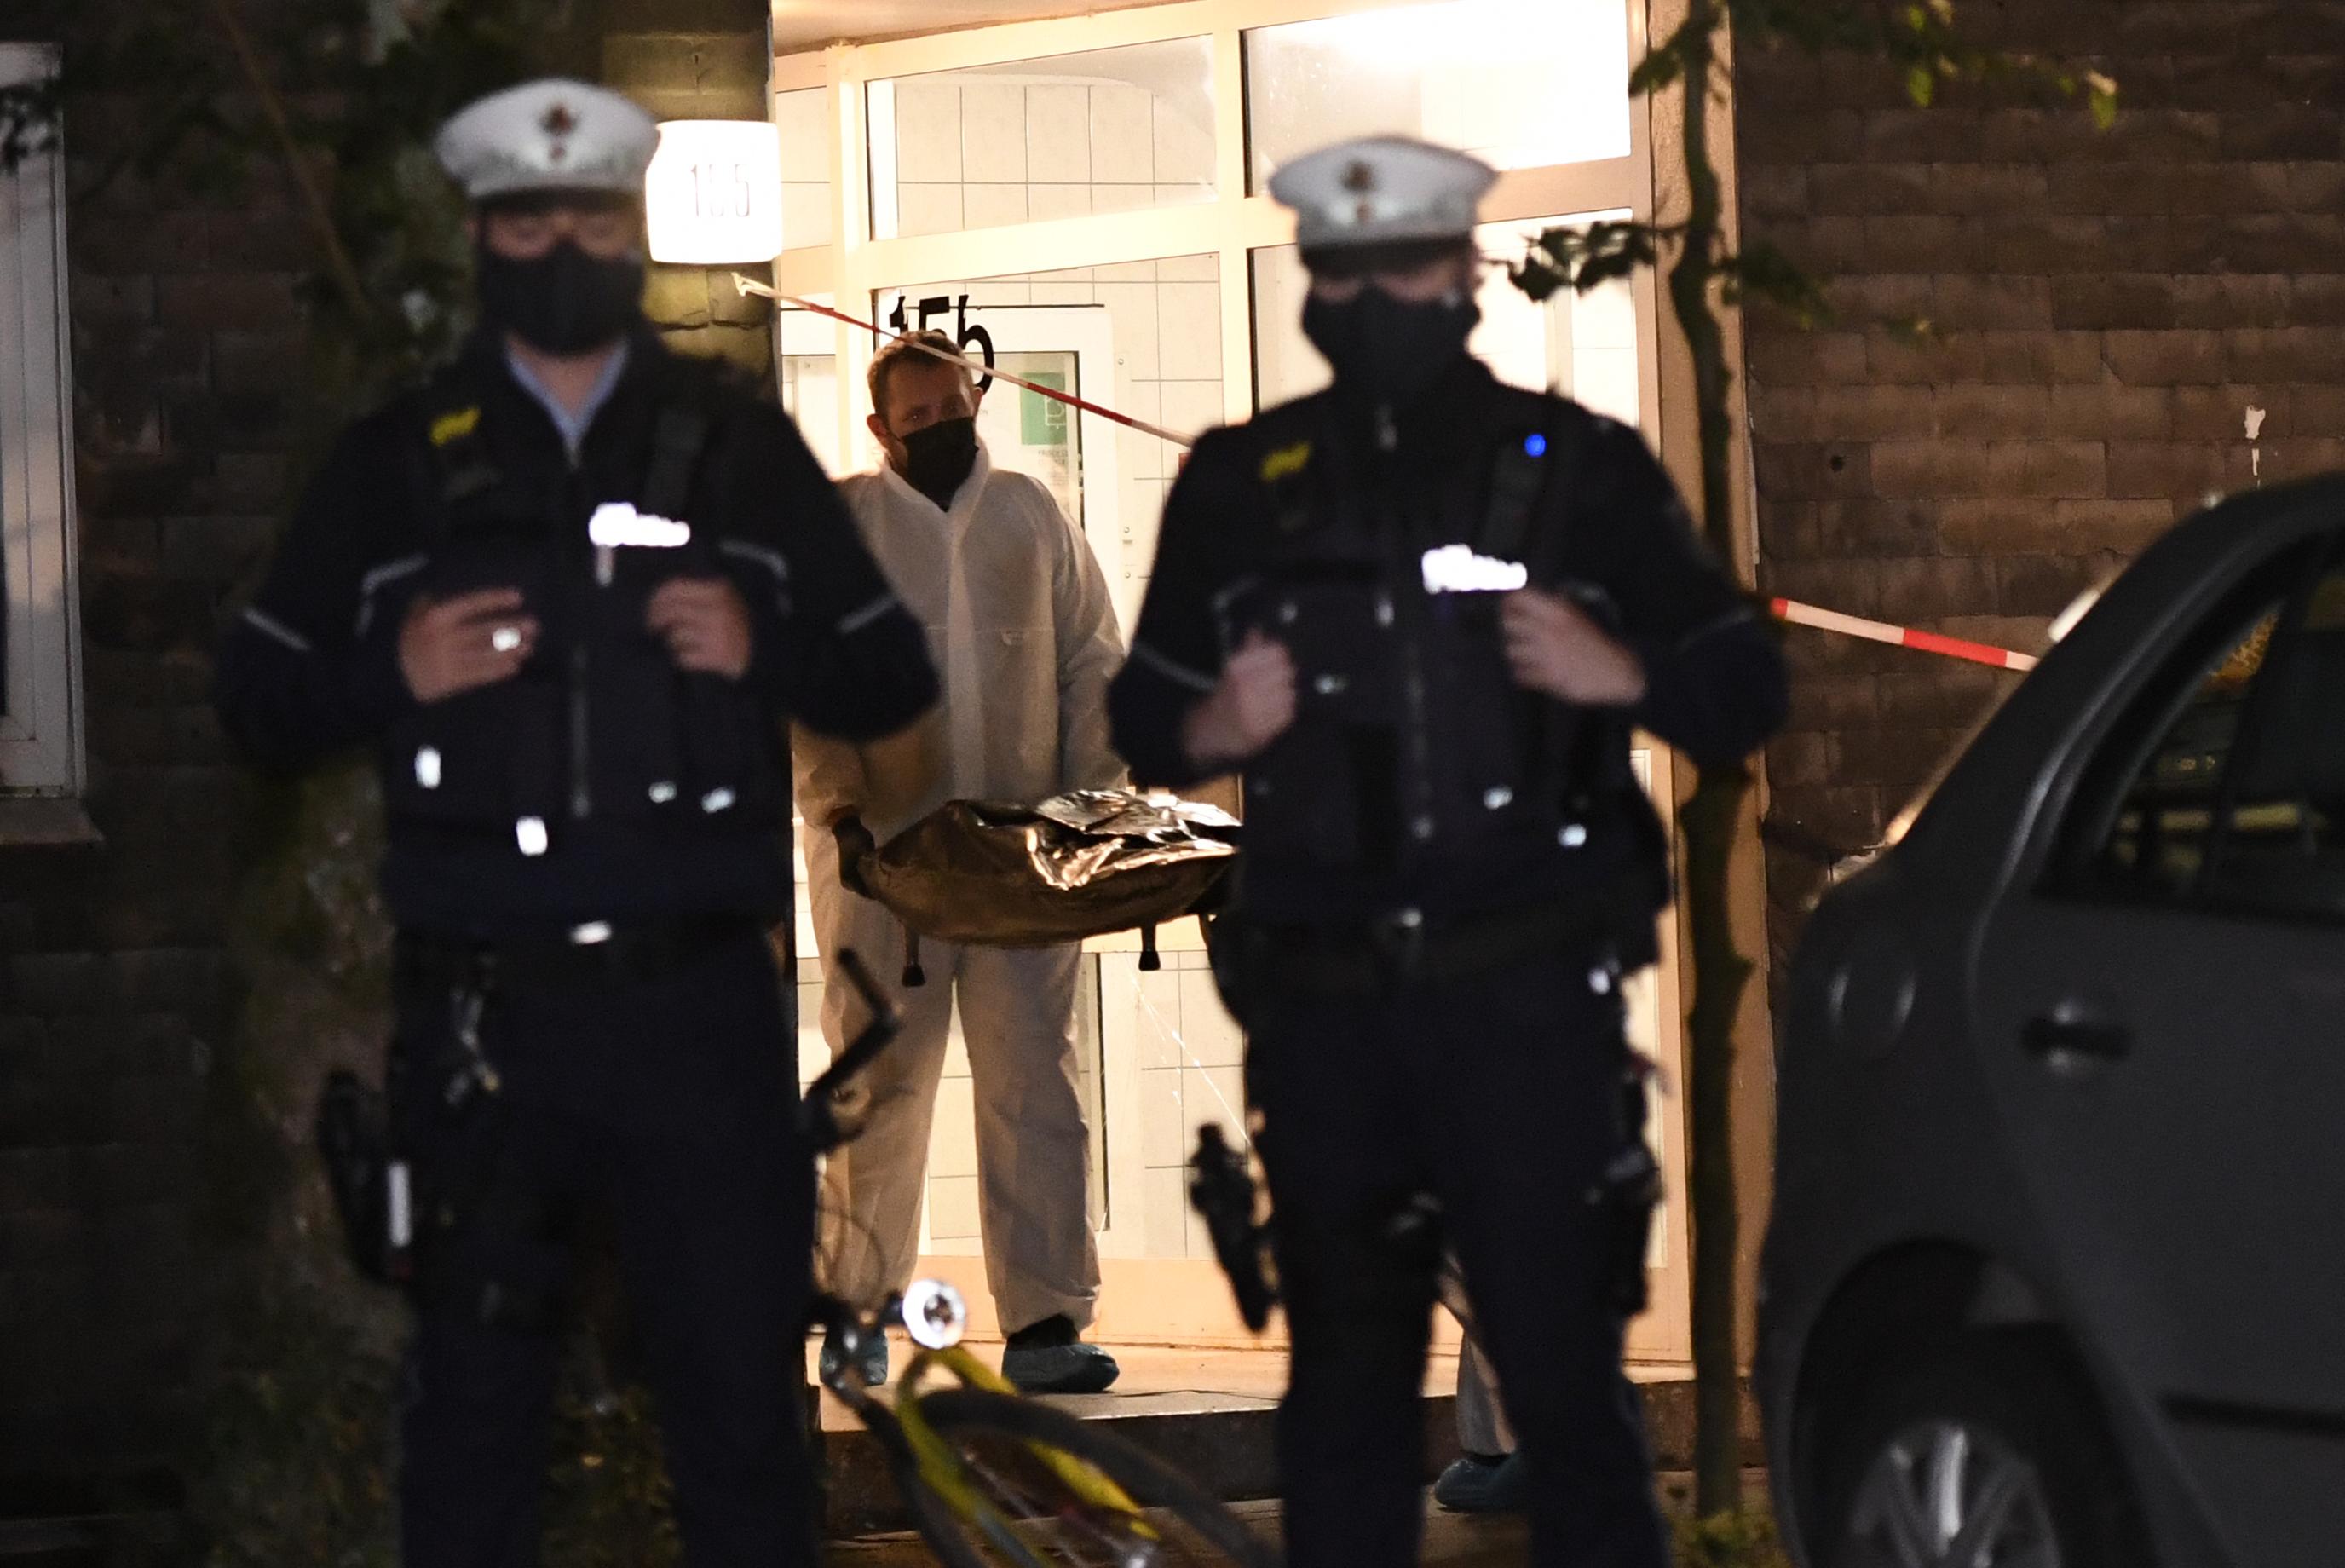 Öt halott gyereket találtak egy német lakásban